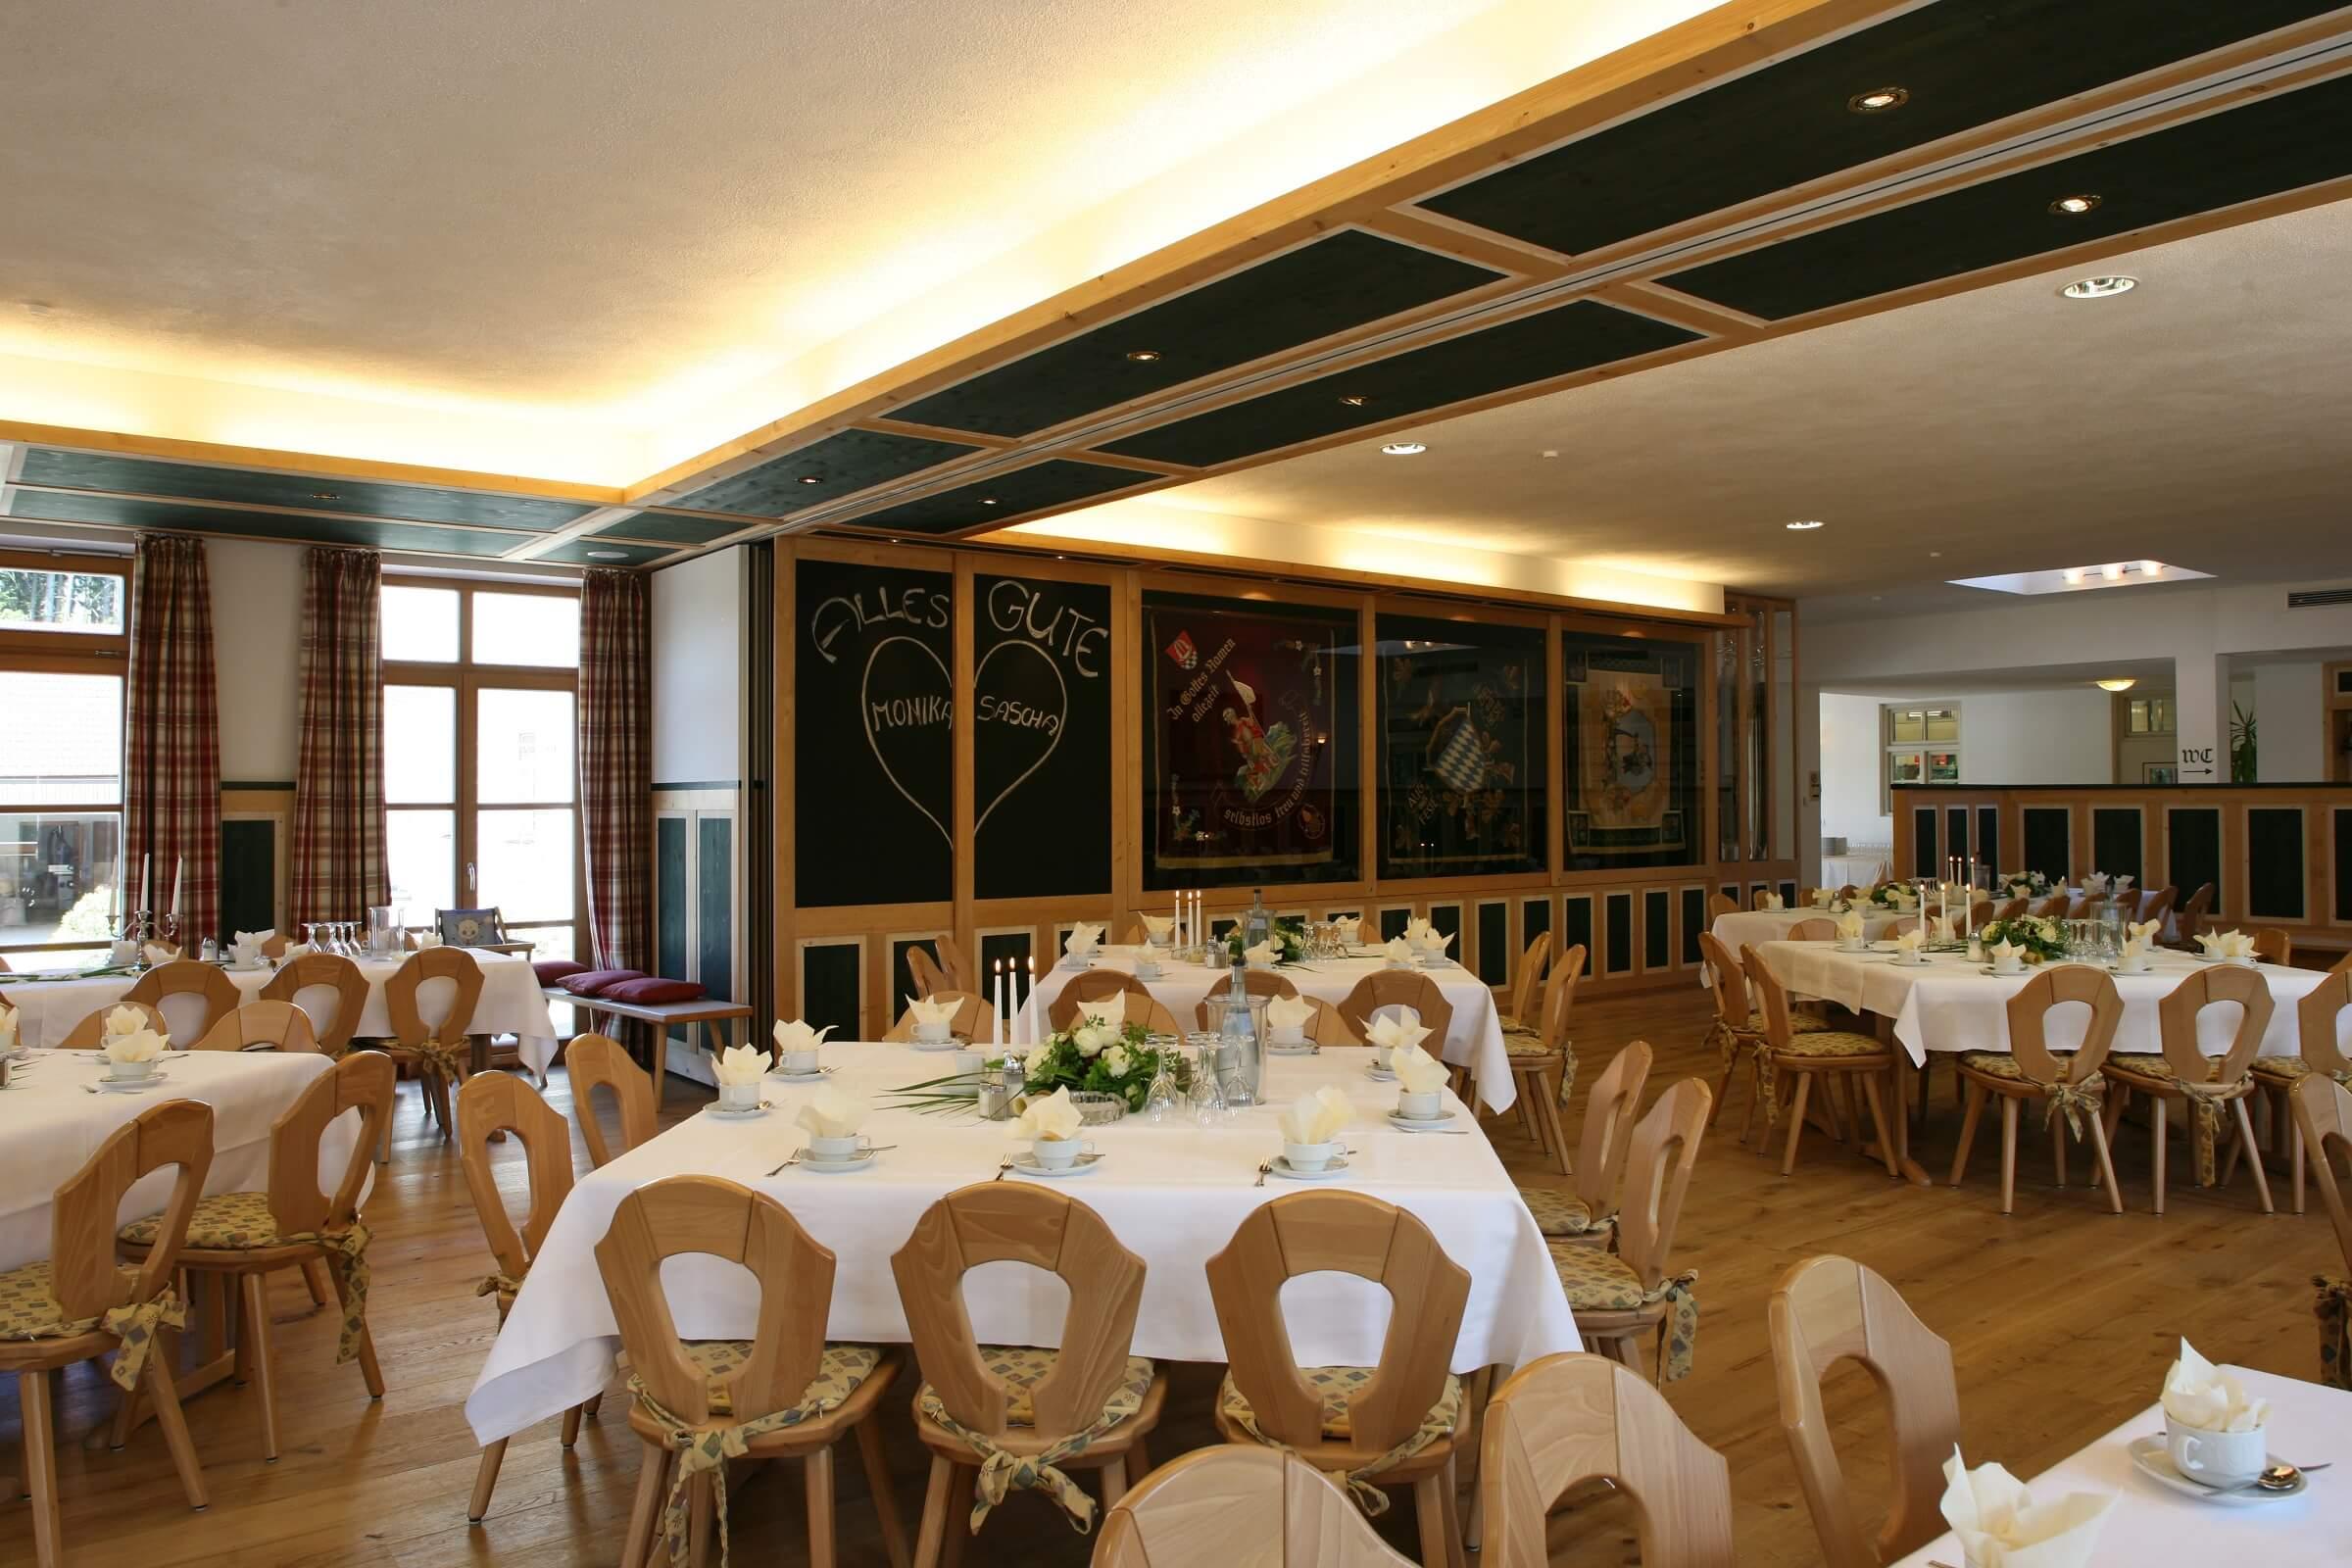 Schmiedn-Saal